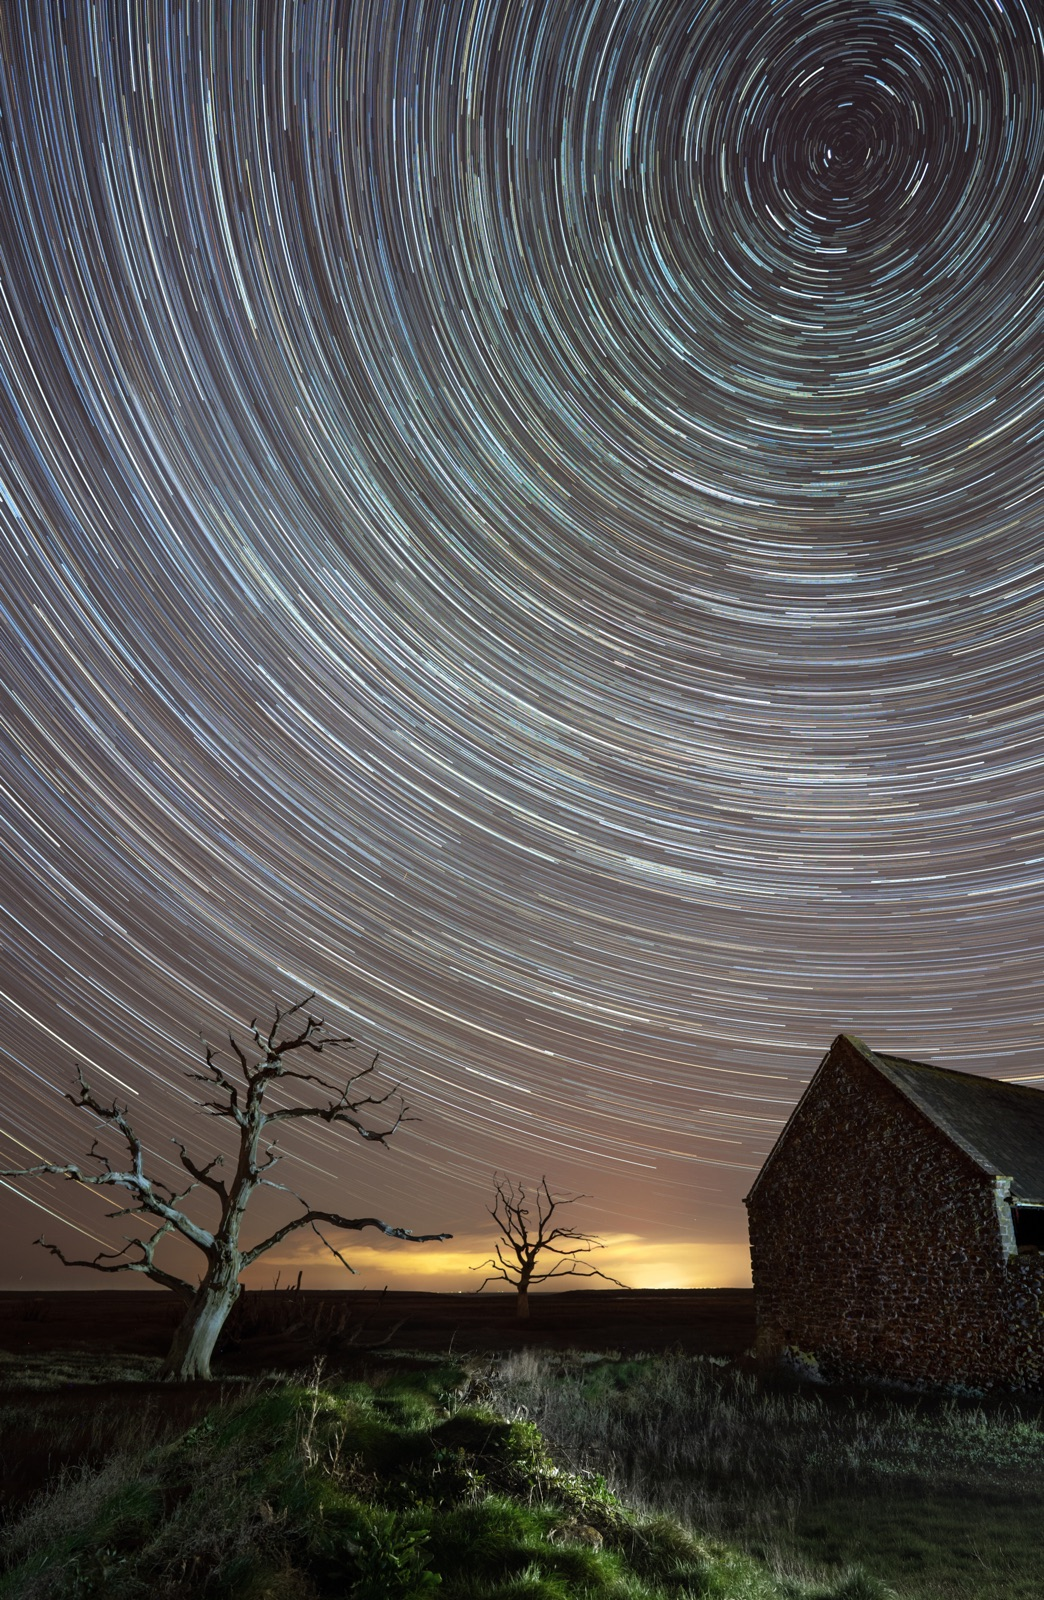 foto van een sterrenspoor bij nacht boven een weiland met een huis en twee kale bomen